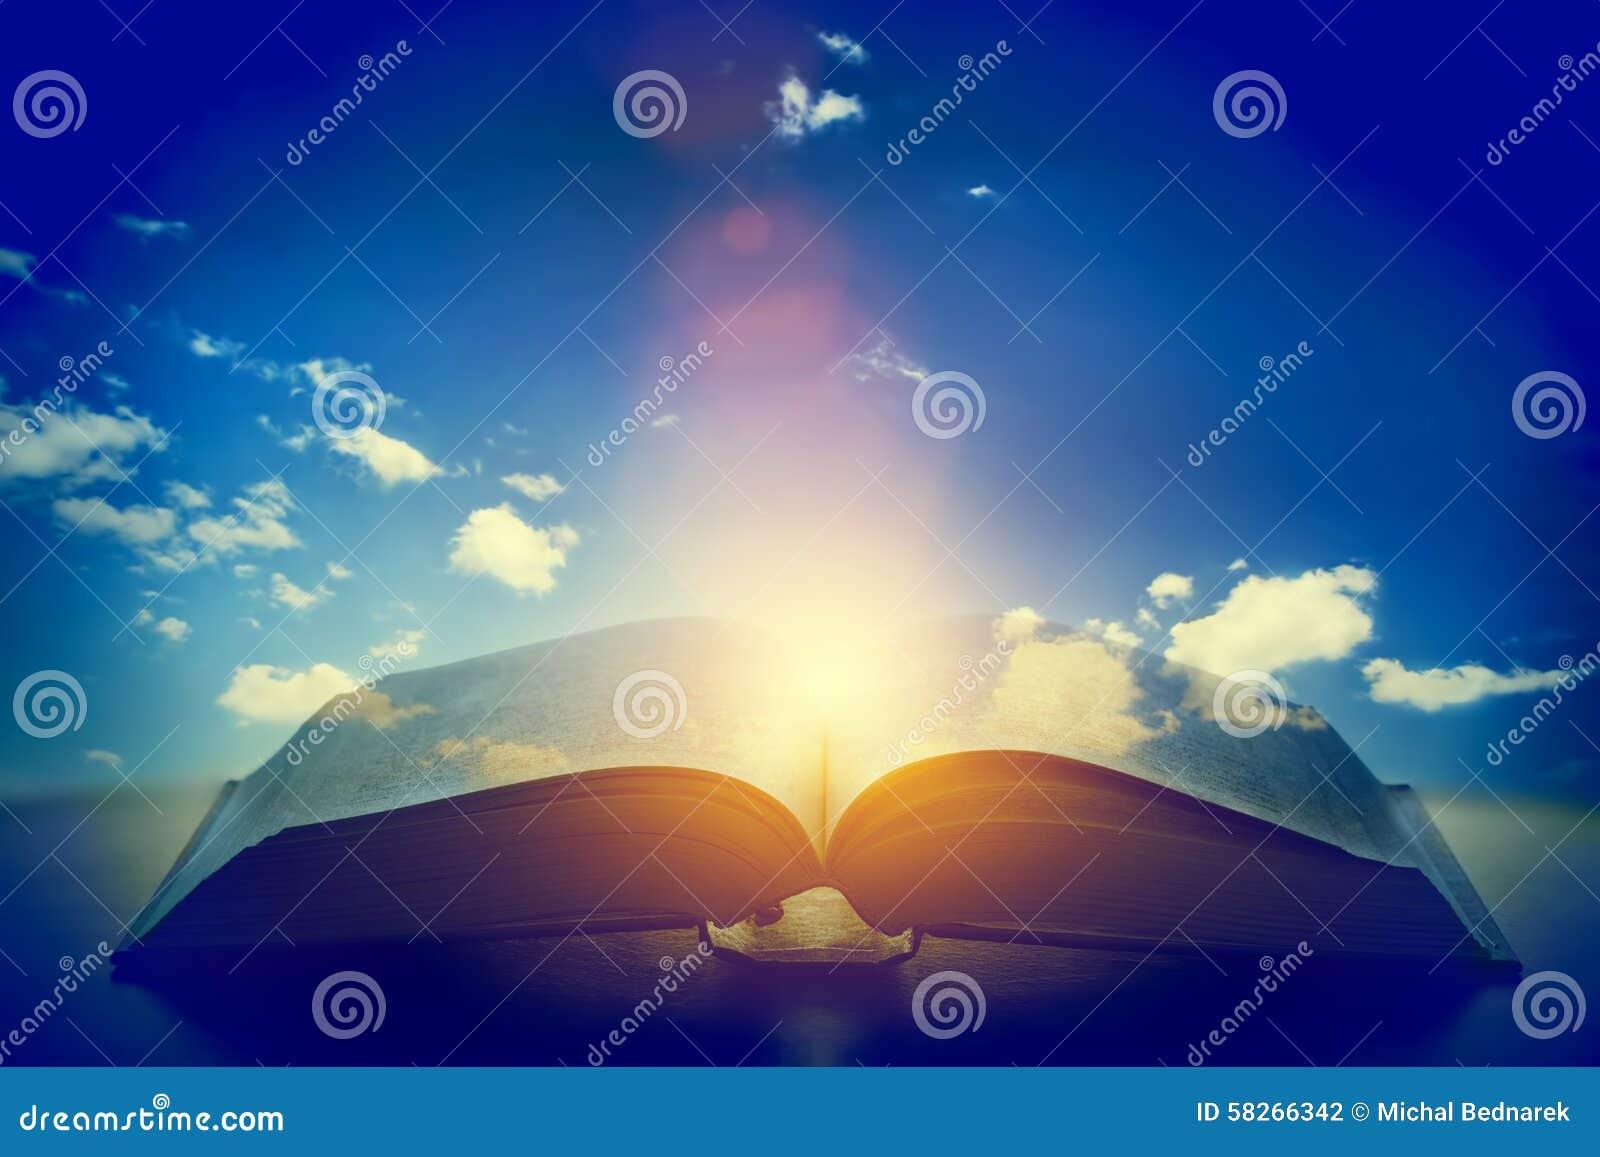 Ανοικτό παλαιό βιβλίο, φως από τον ουρανό, ουρανός Εκπαίδευση, έννοια θρησκείας